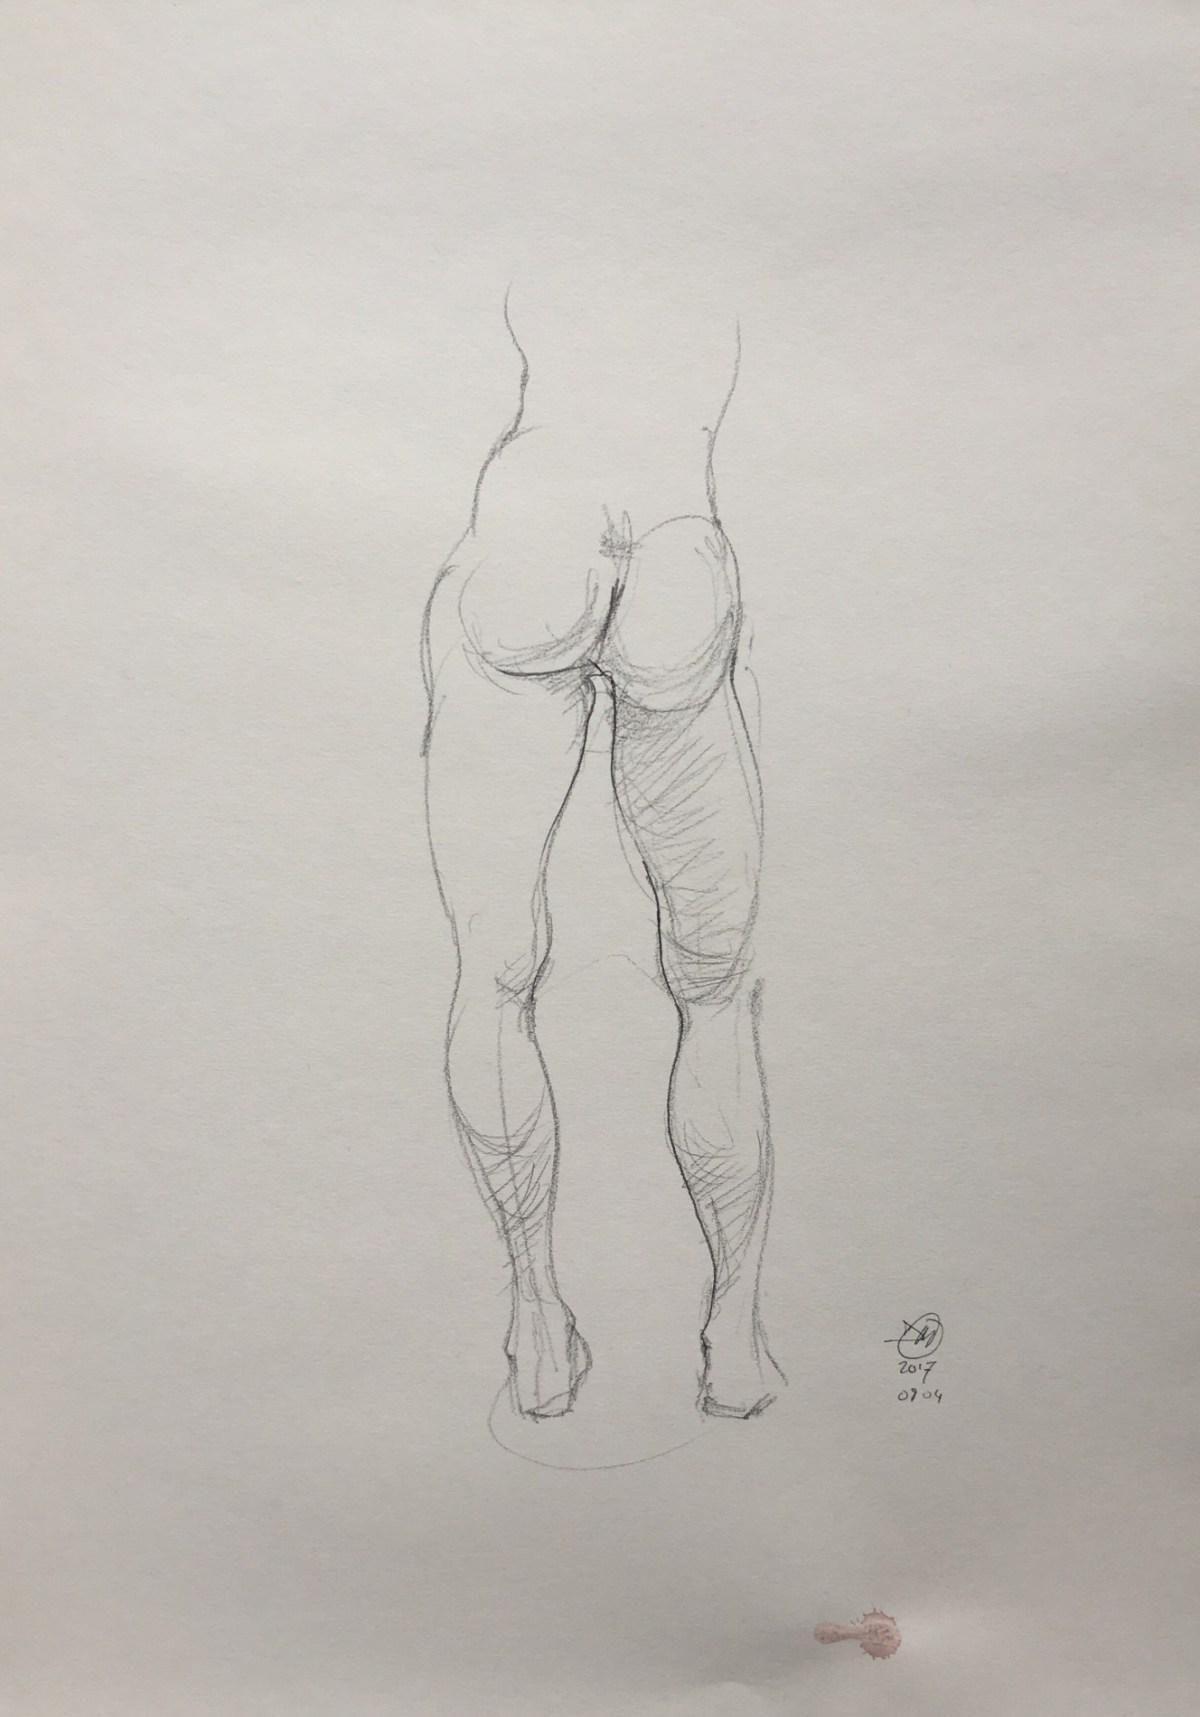 A pencil sketch